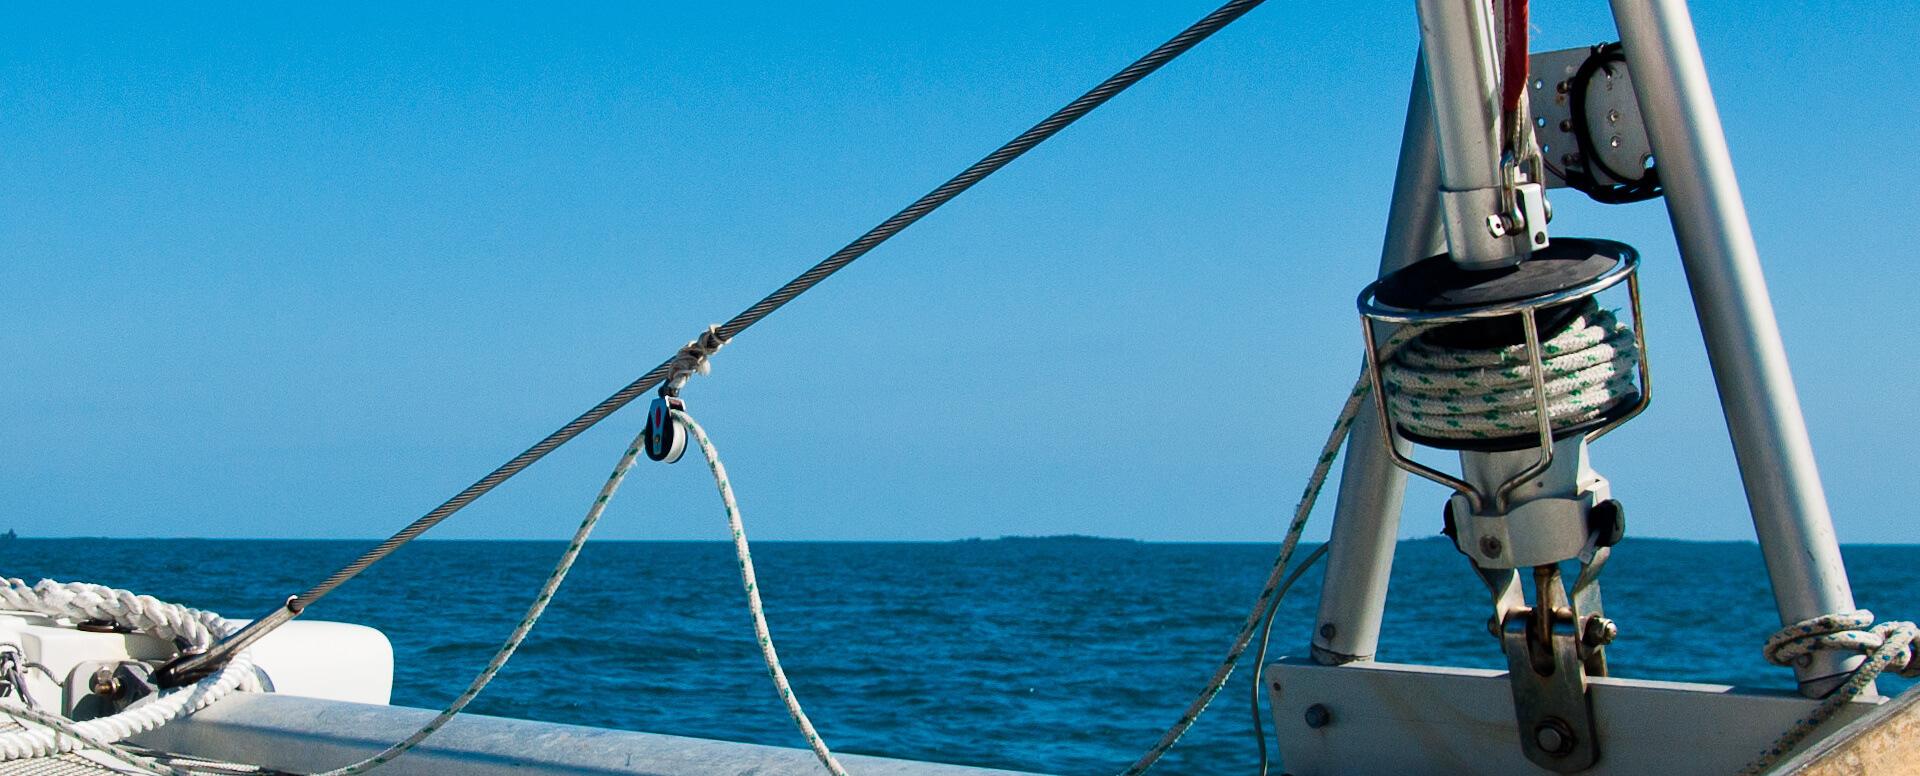 8. Faites une croisière sur un Catamaran - Île Maurice